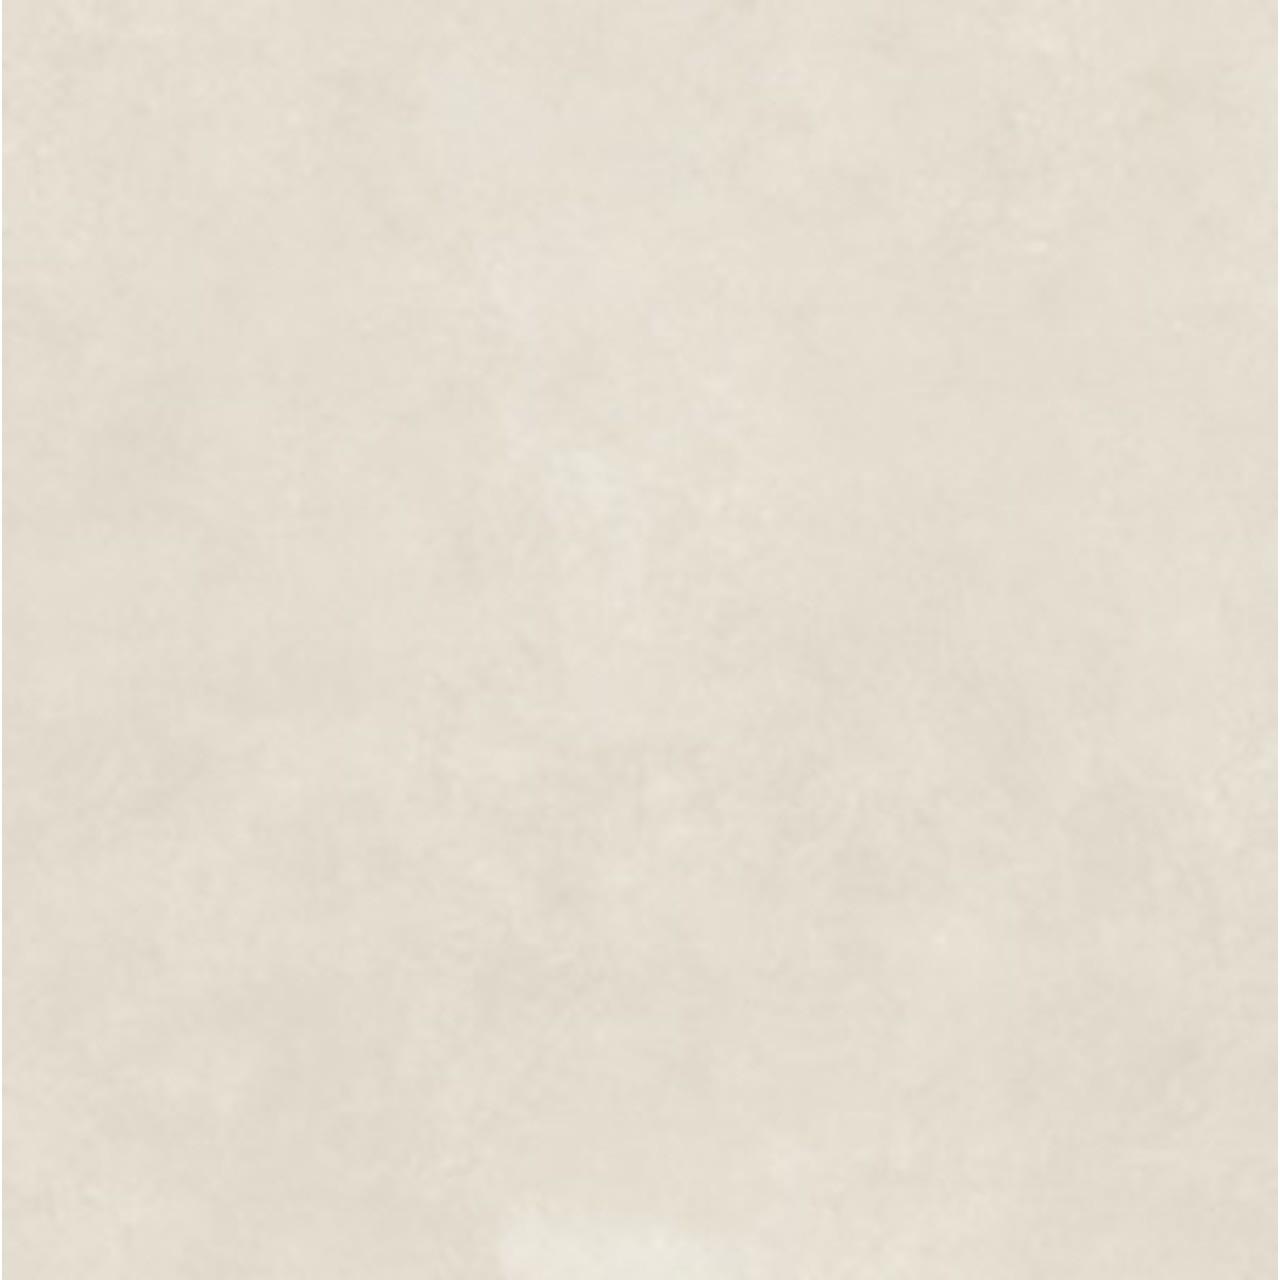 Ceramica Tipo A 60x60 cm 250m Bold Bege - Incesa